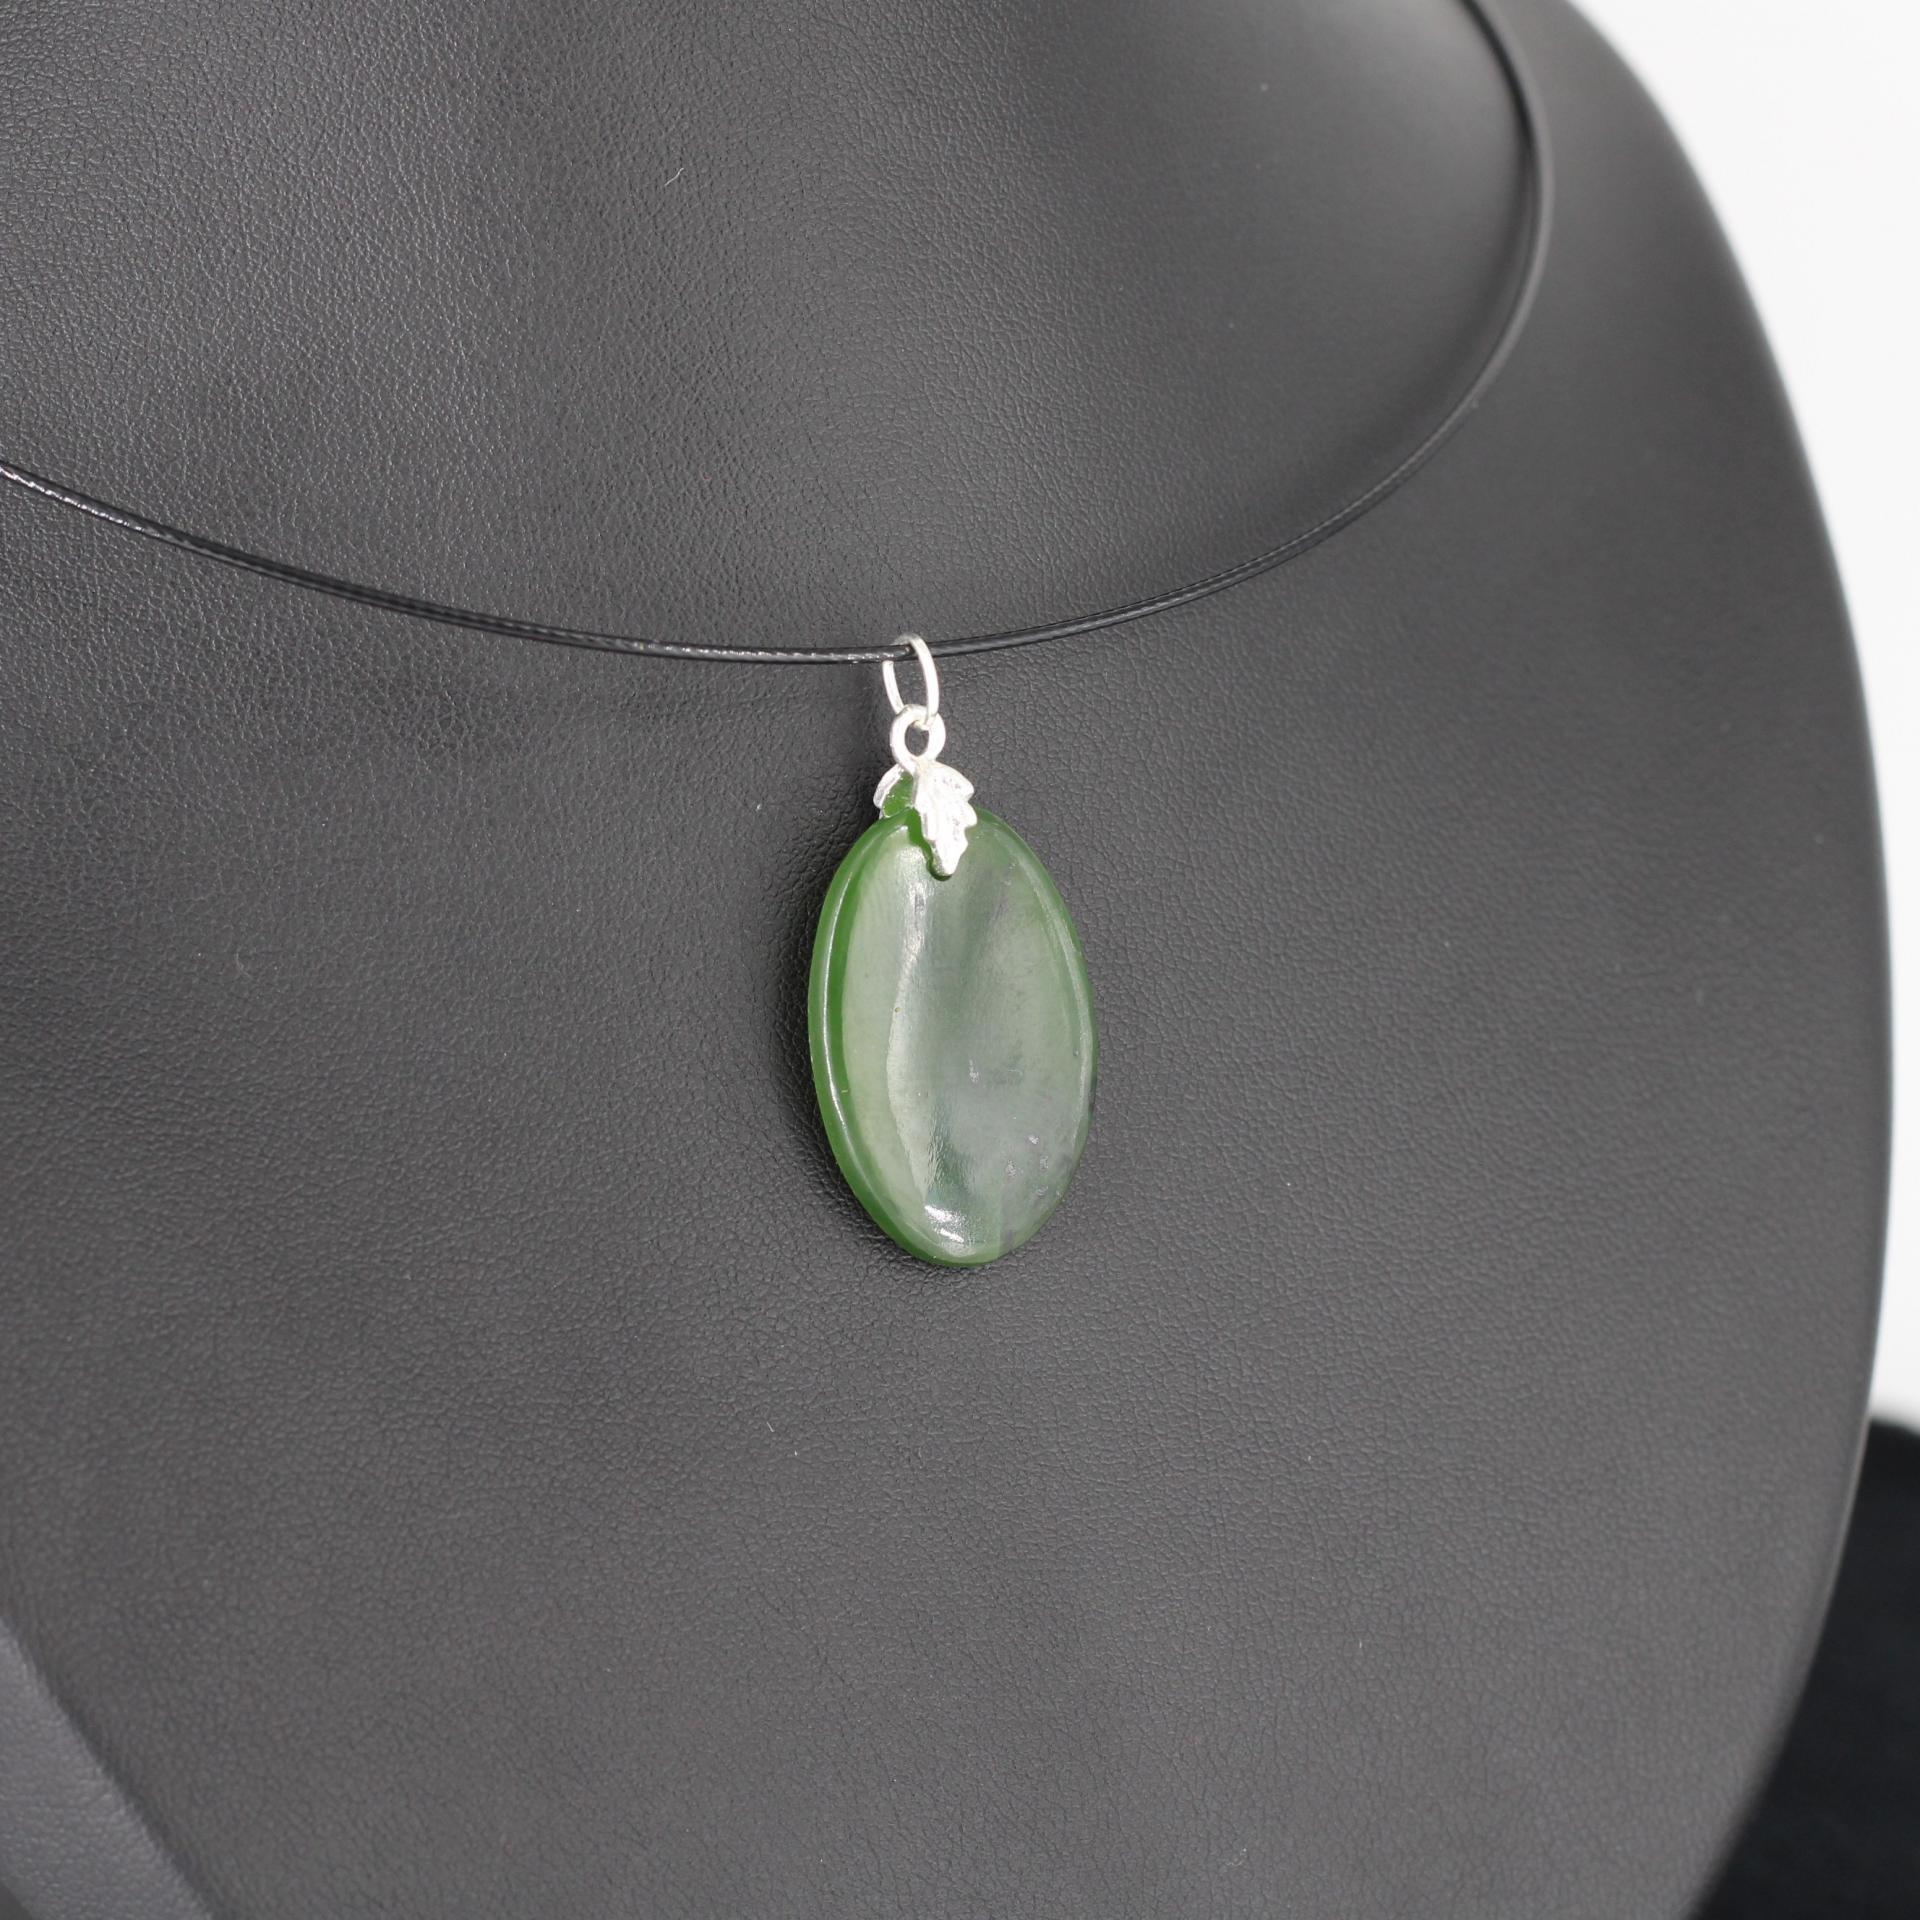 Jade nephrite l85 2